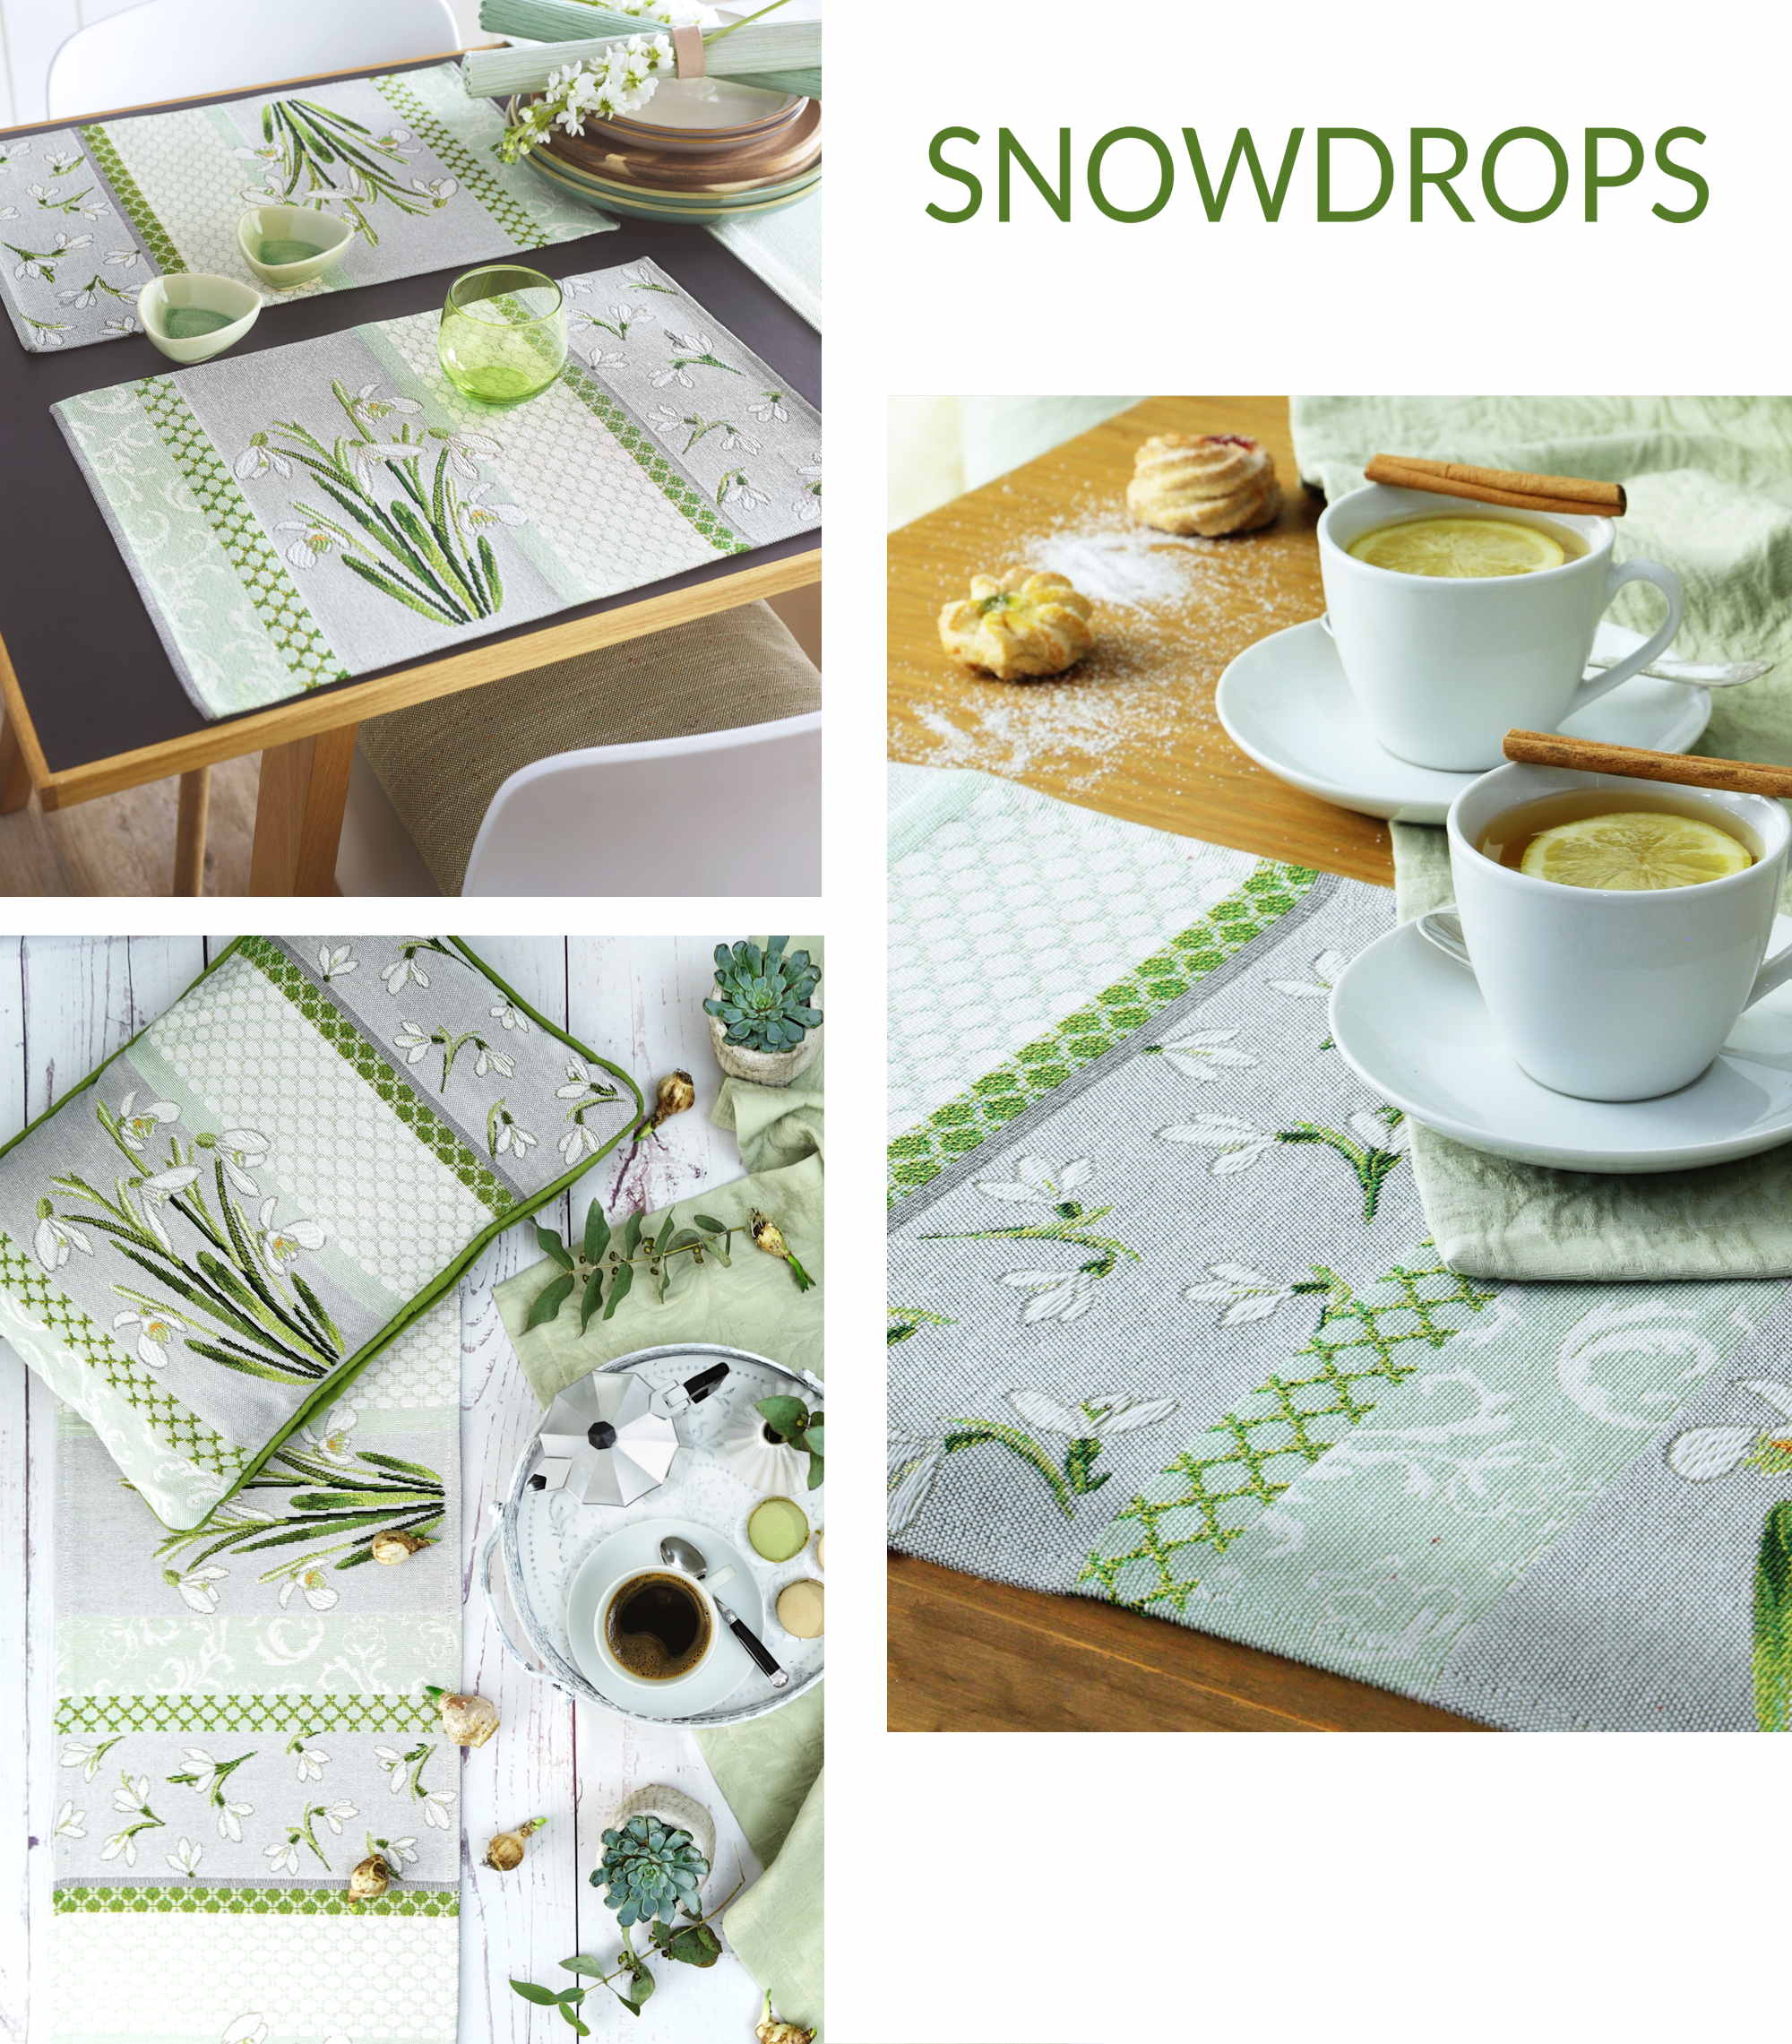 Gobelin Tischsets und Tischläufer Schneeglöcken SNOWDROPS